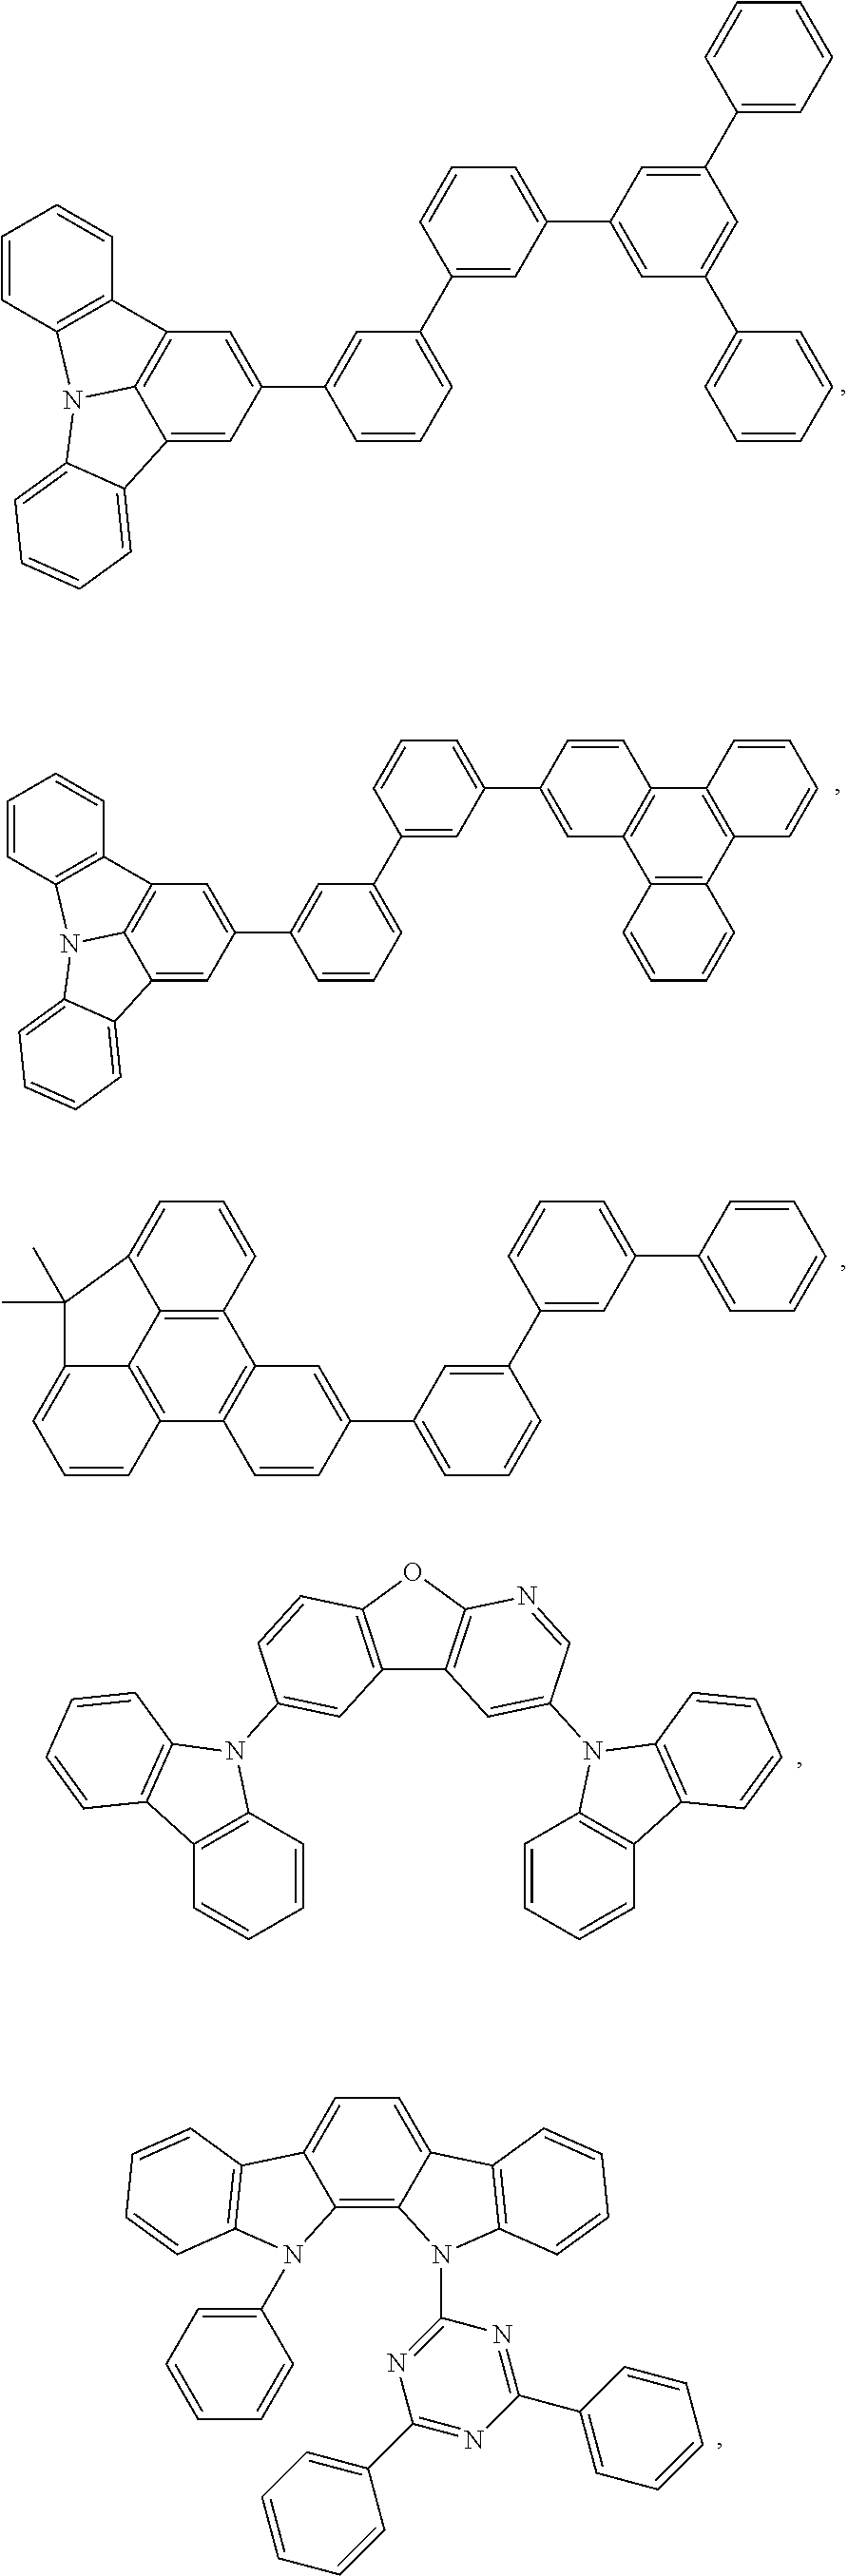 Figure US20190161504A1-20190530-C00054